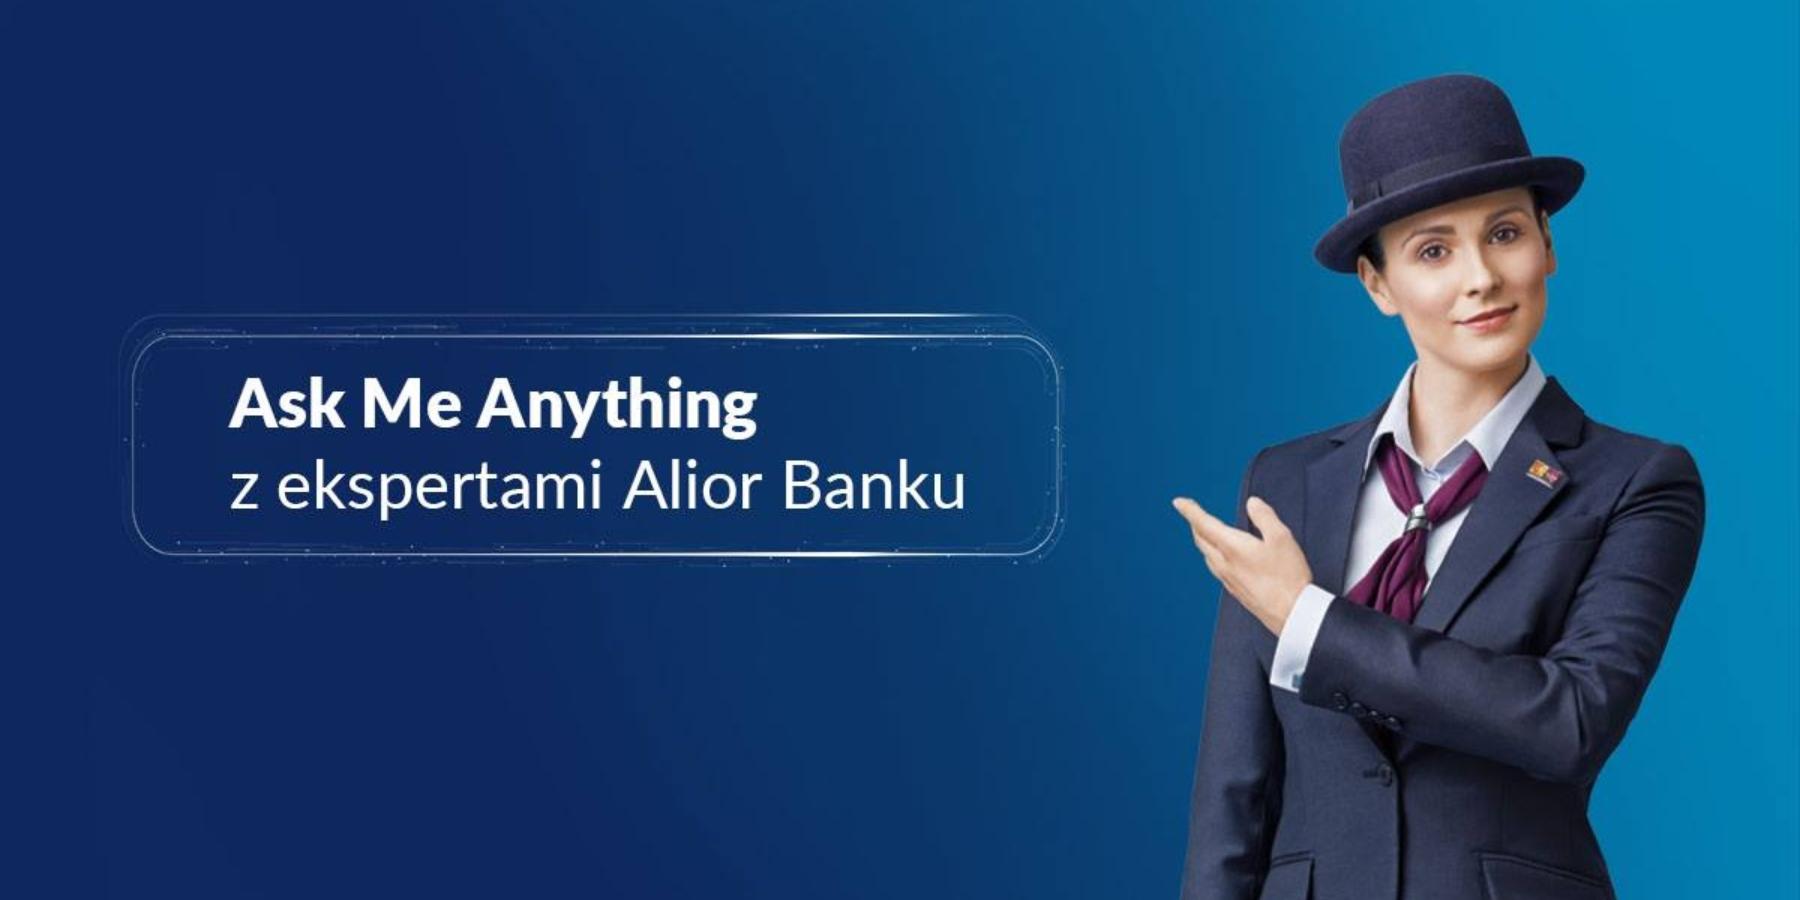 Eksperci Alior Bank orozwiązaniach finansowych dla przedsiębiorców [AMA]